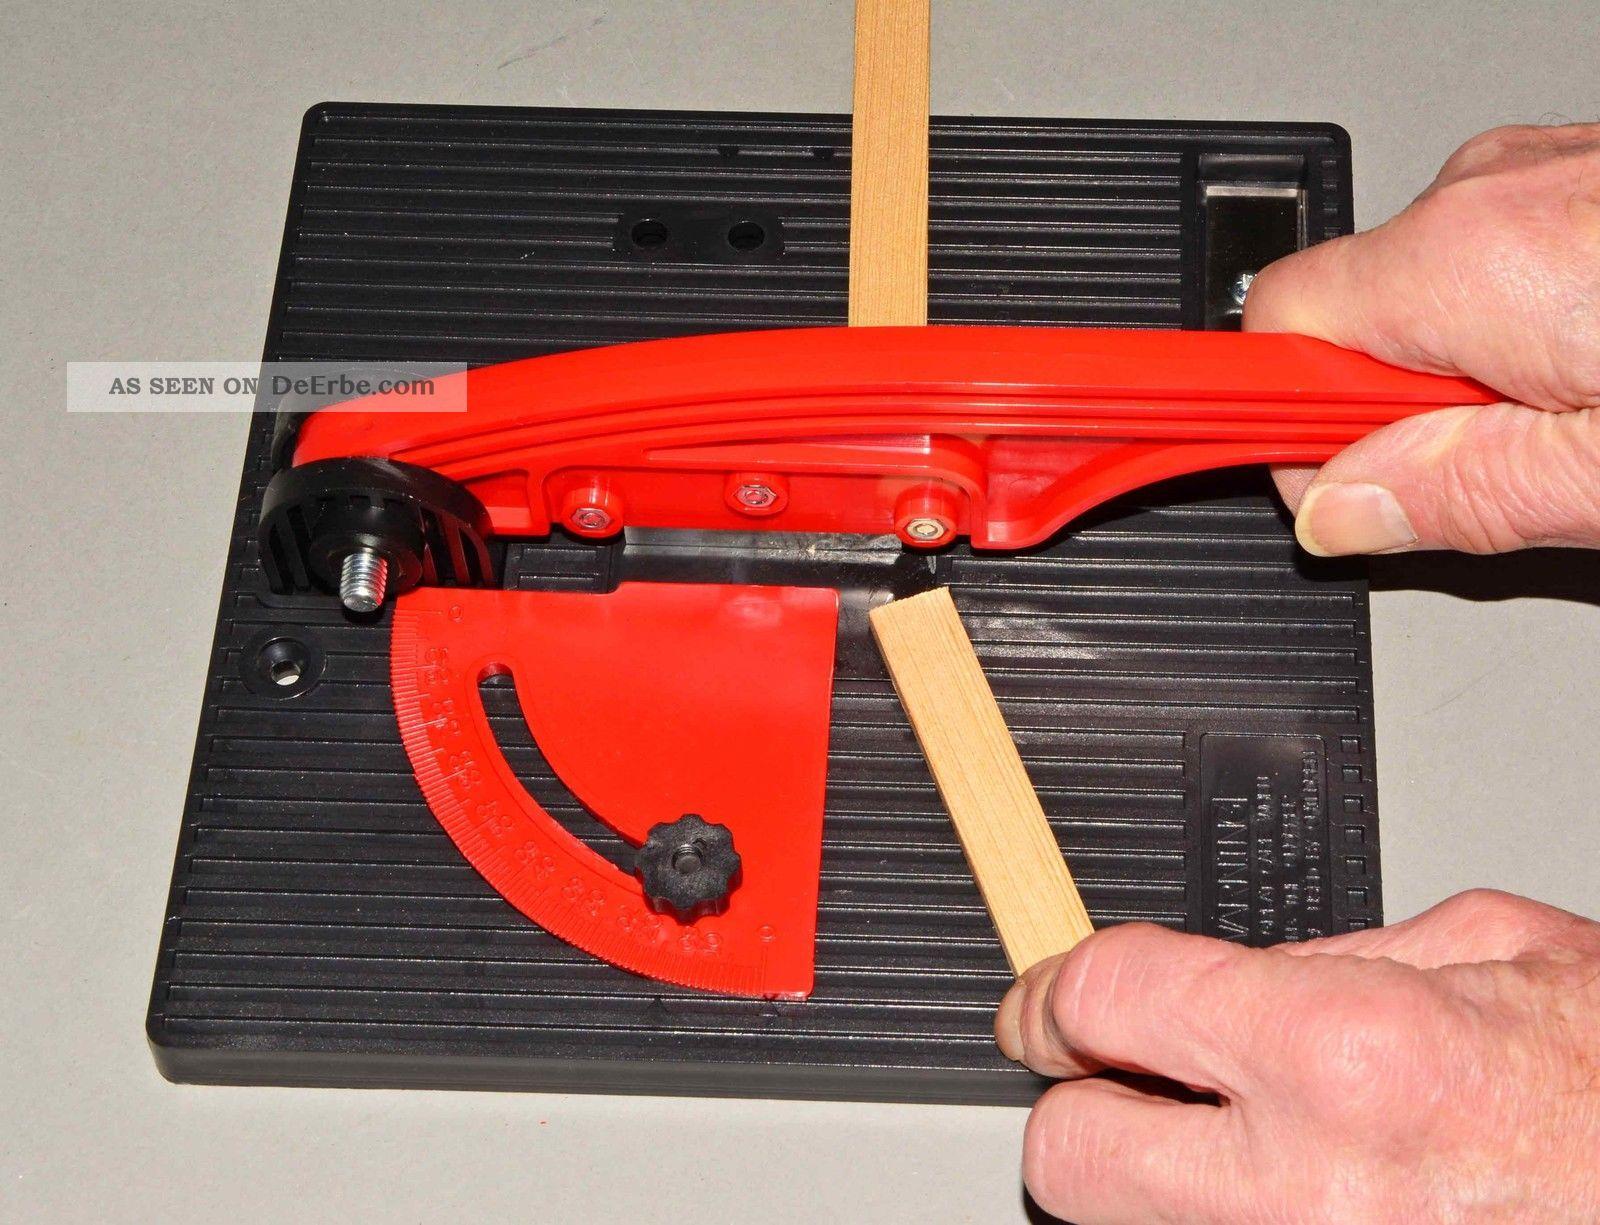 holz und kunststoff genauestens auf gehrung schneiden - effektiv und